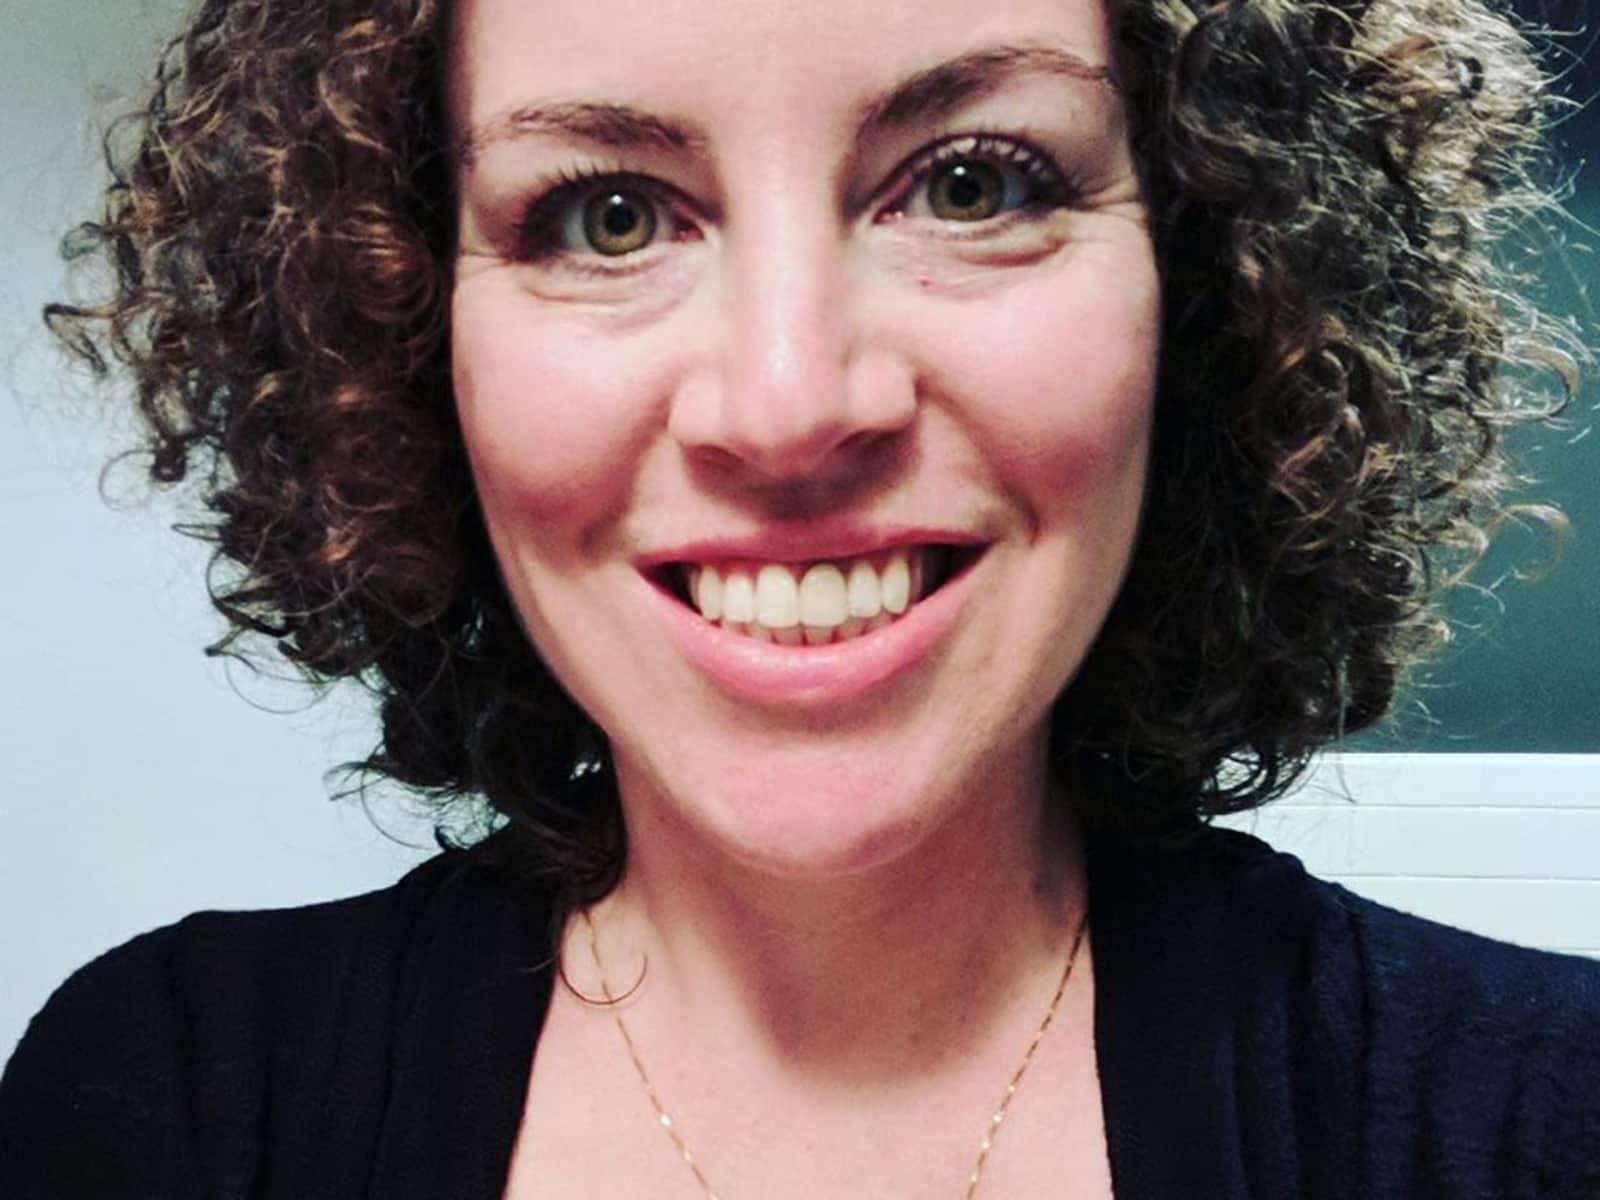 Jill from Montréal, Quebec, Canada